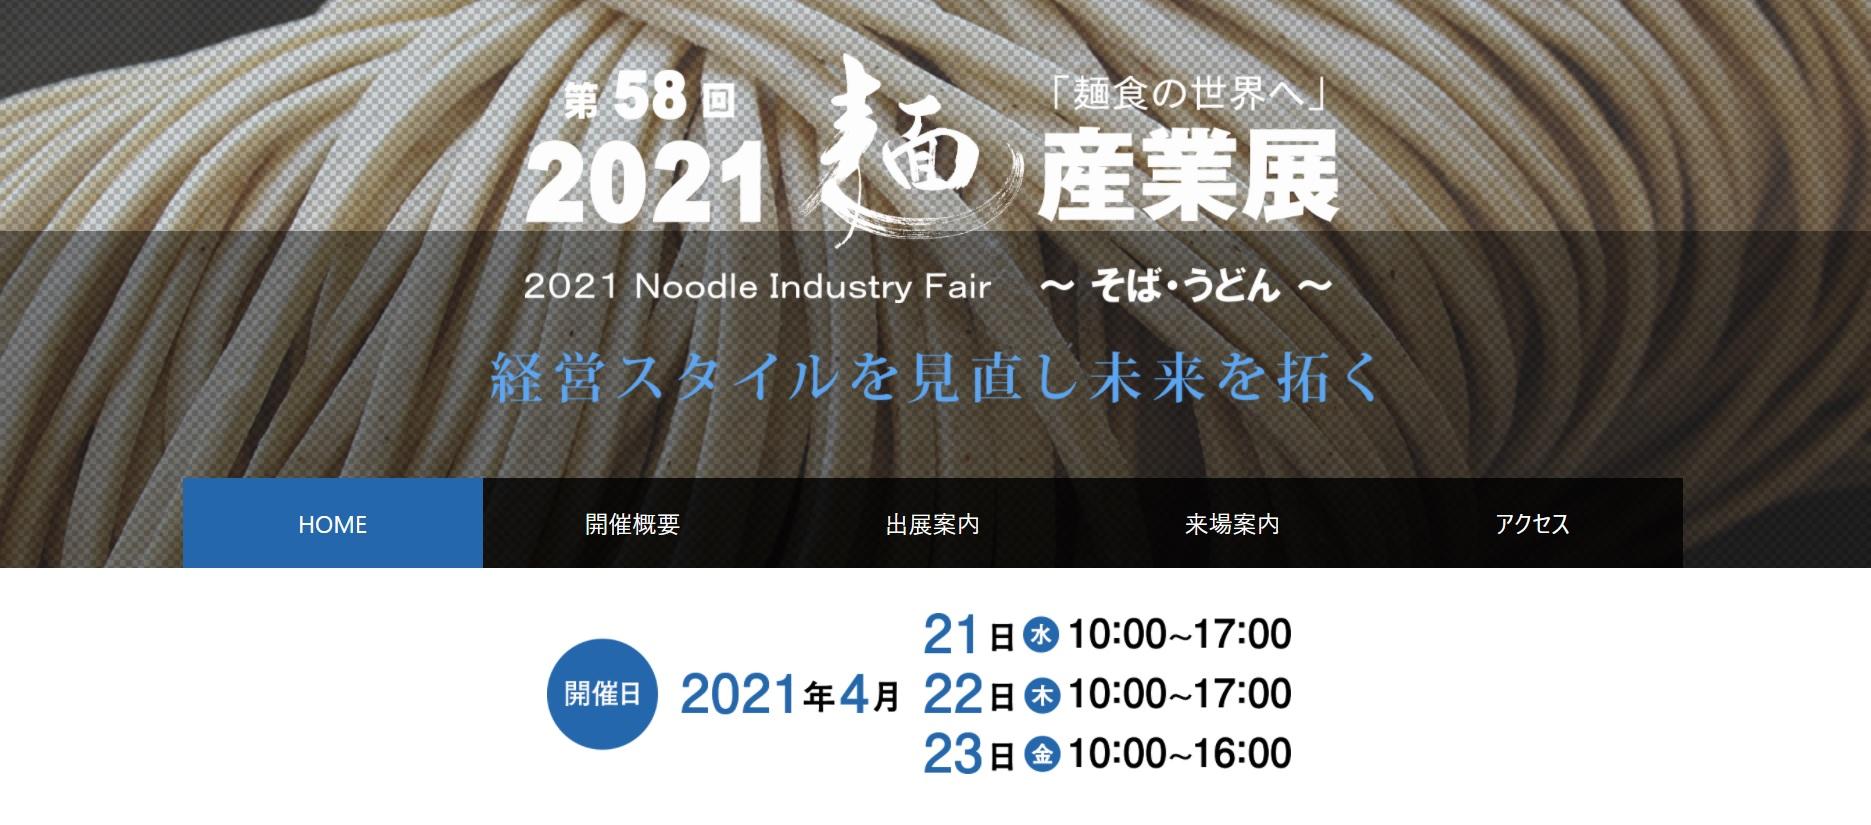 2021麺産業展